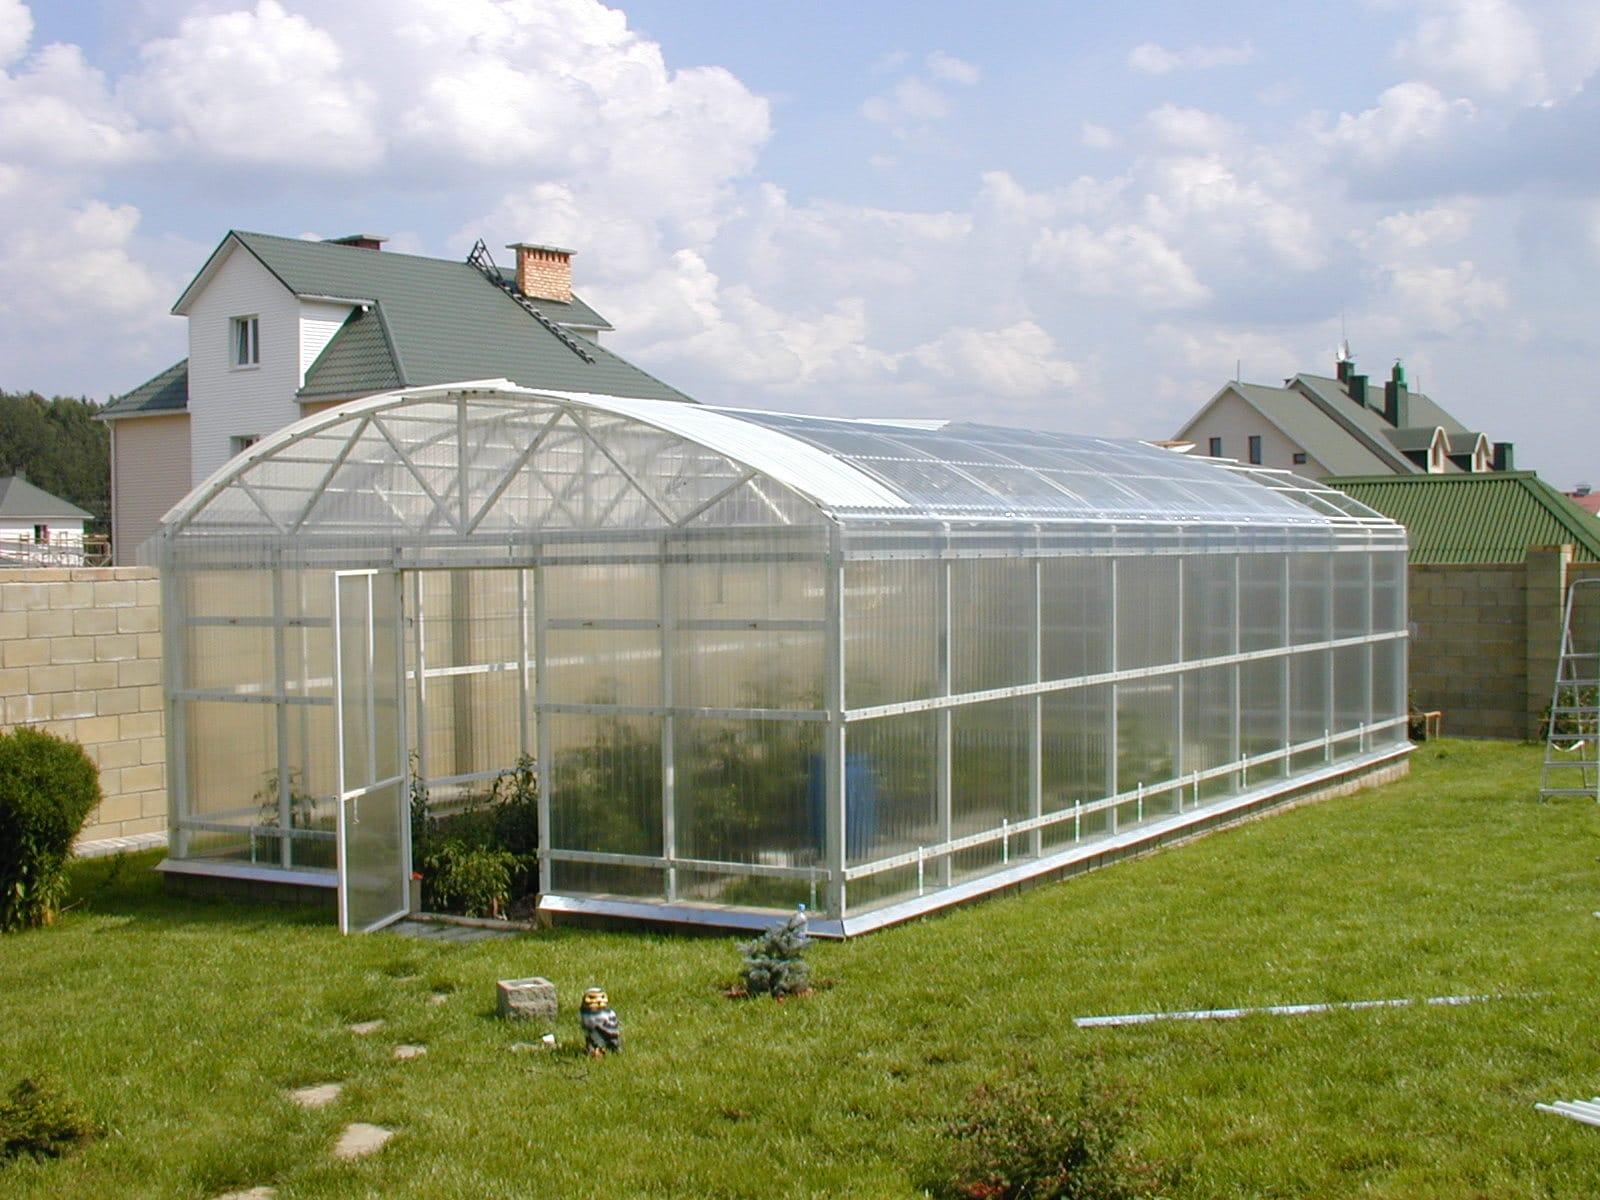 Зимние теплицы (56 фото): как построить варианты с отоплением для зимнего выращивания своими руками, самые лучшие проекты